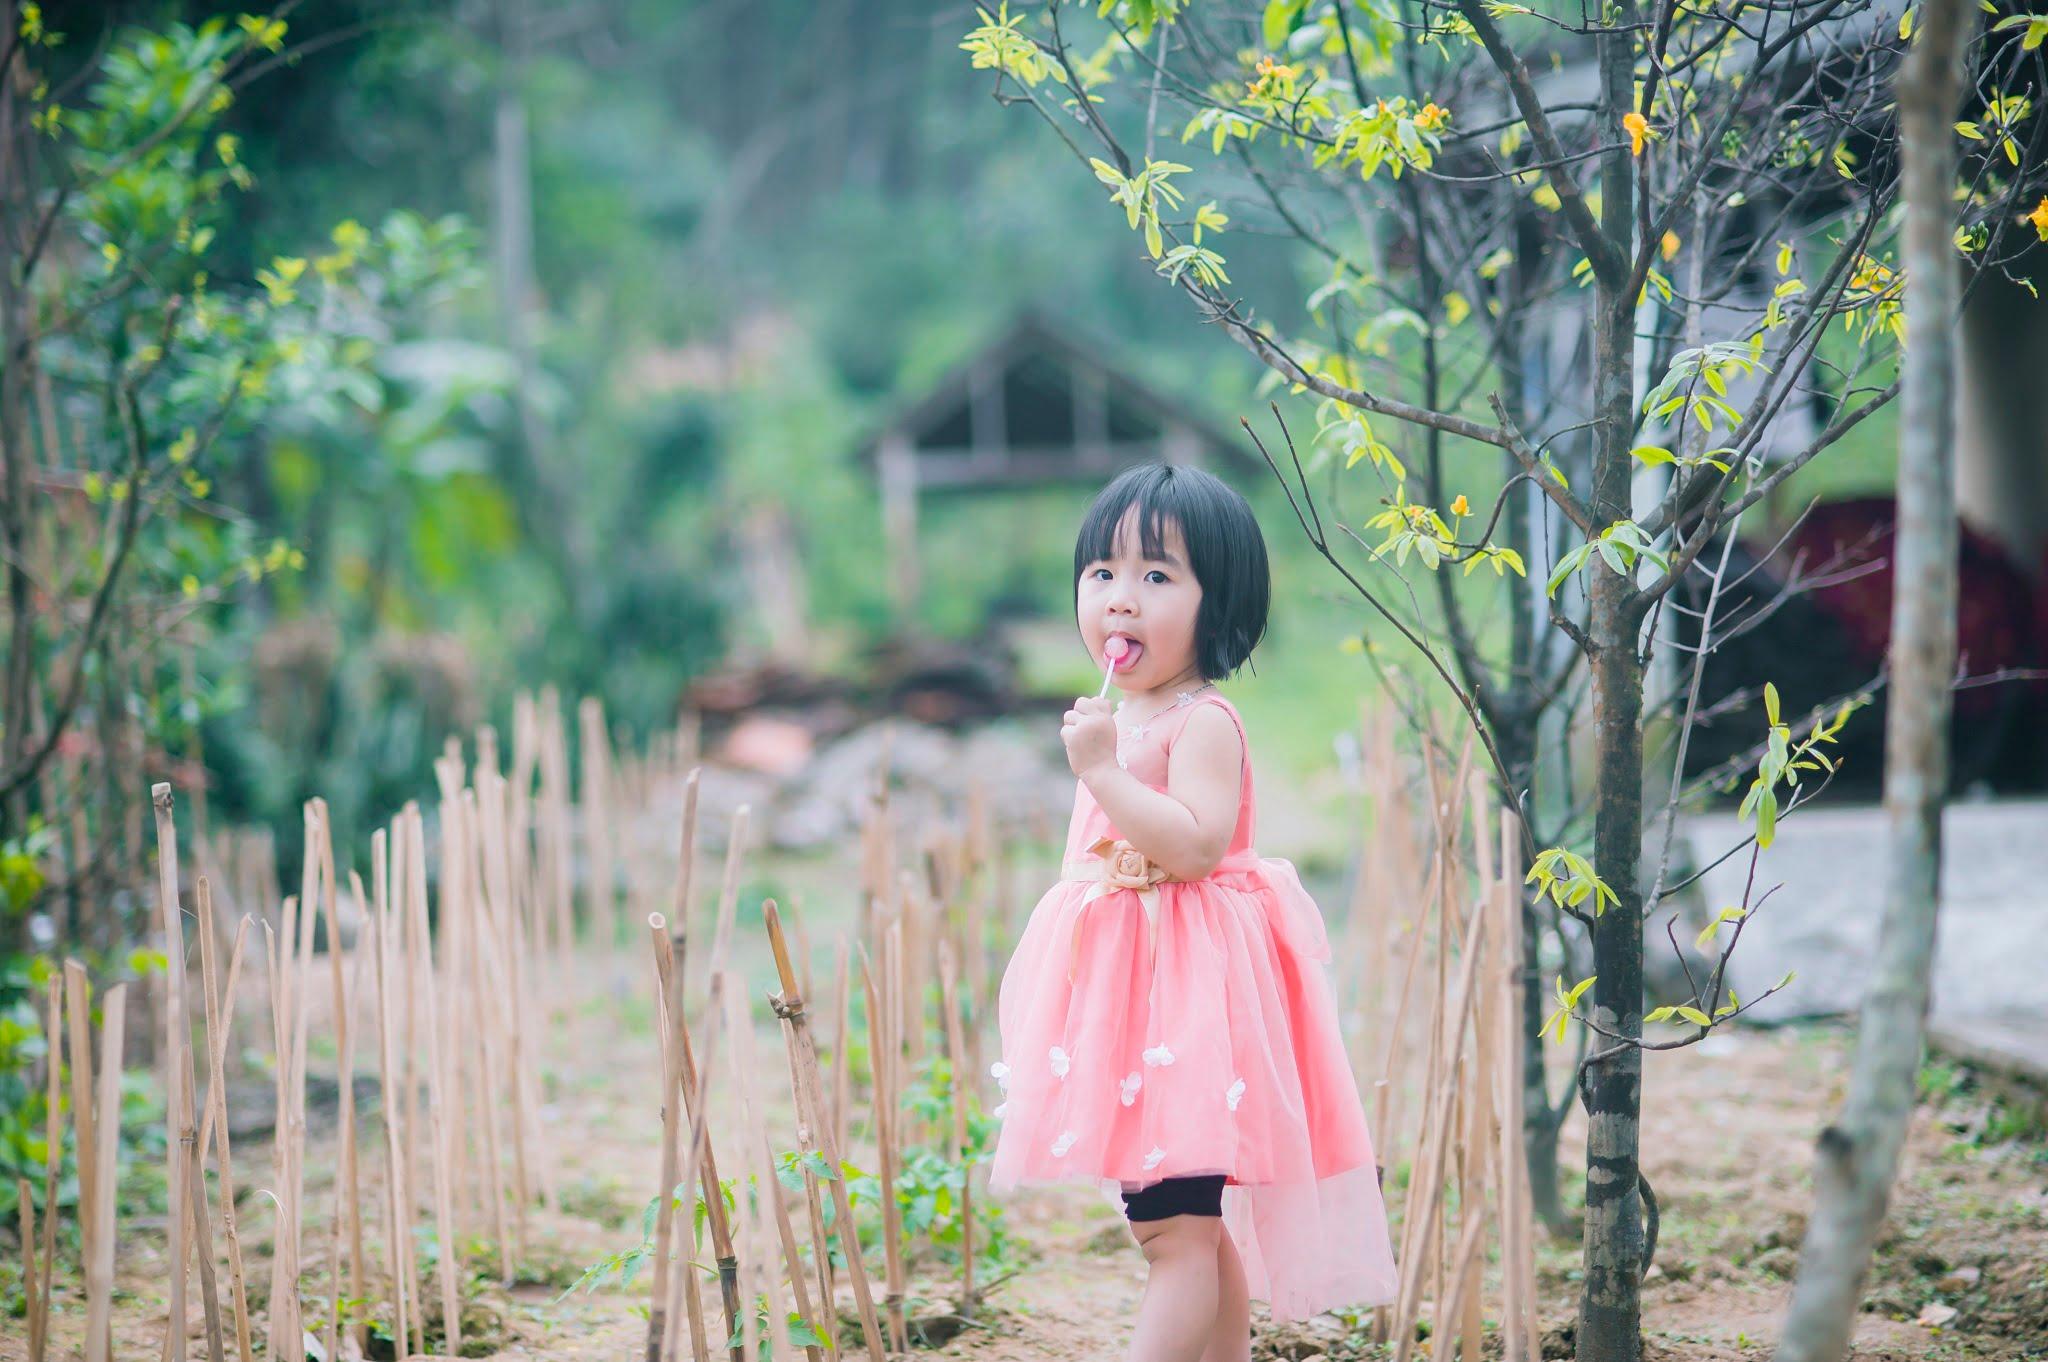 li 3 - Ảnh chụp bé Xuân Nhi Tp. Đà Nẵng